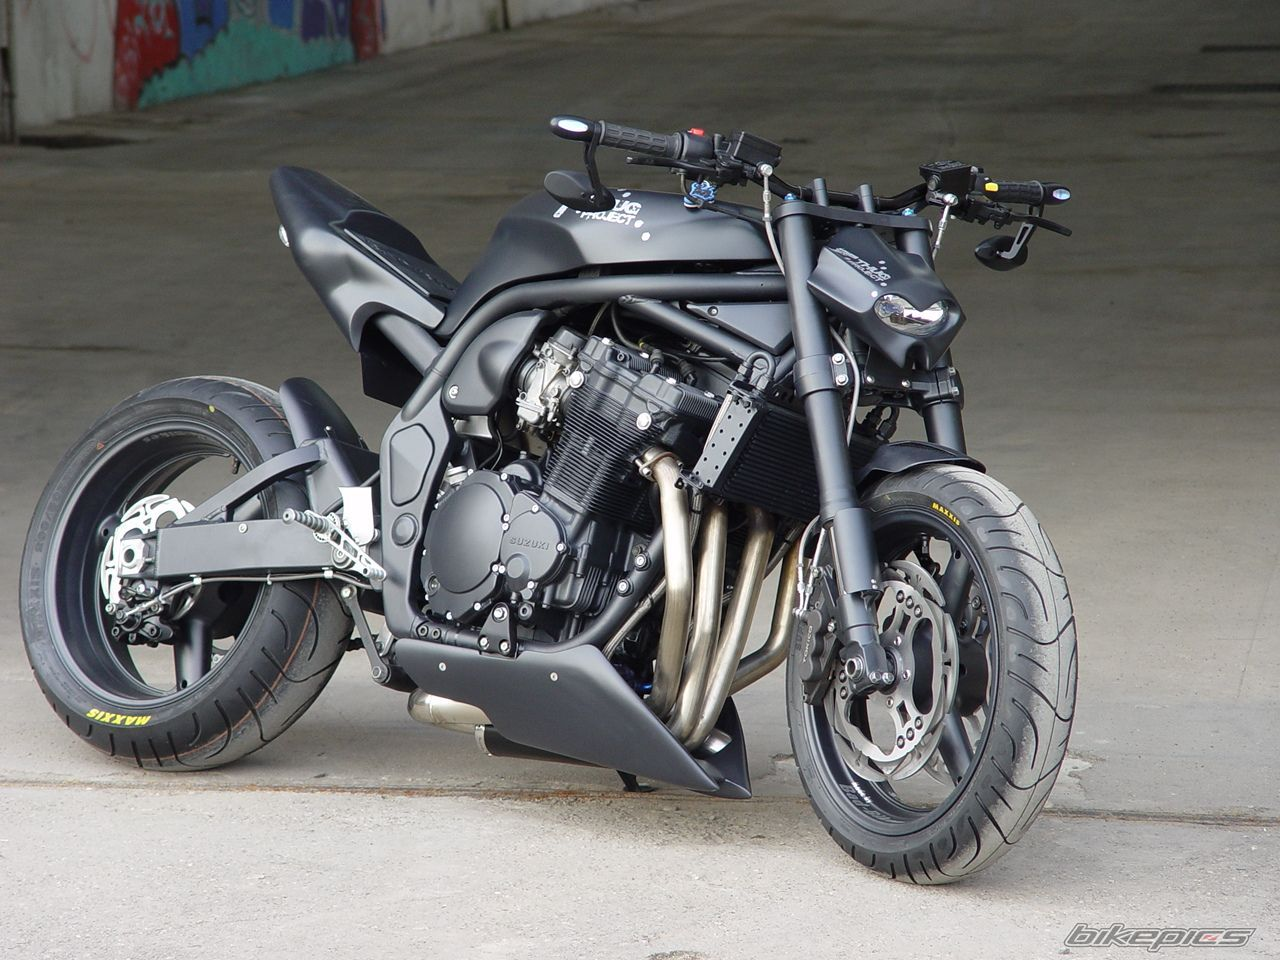 Suzuki Bandit 1200 Google Search Best Design Pinterest Bike